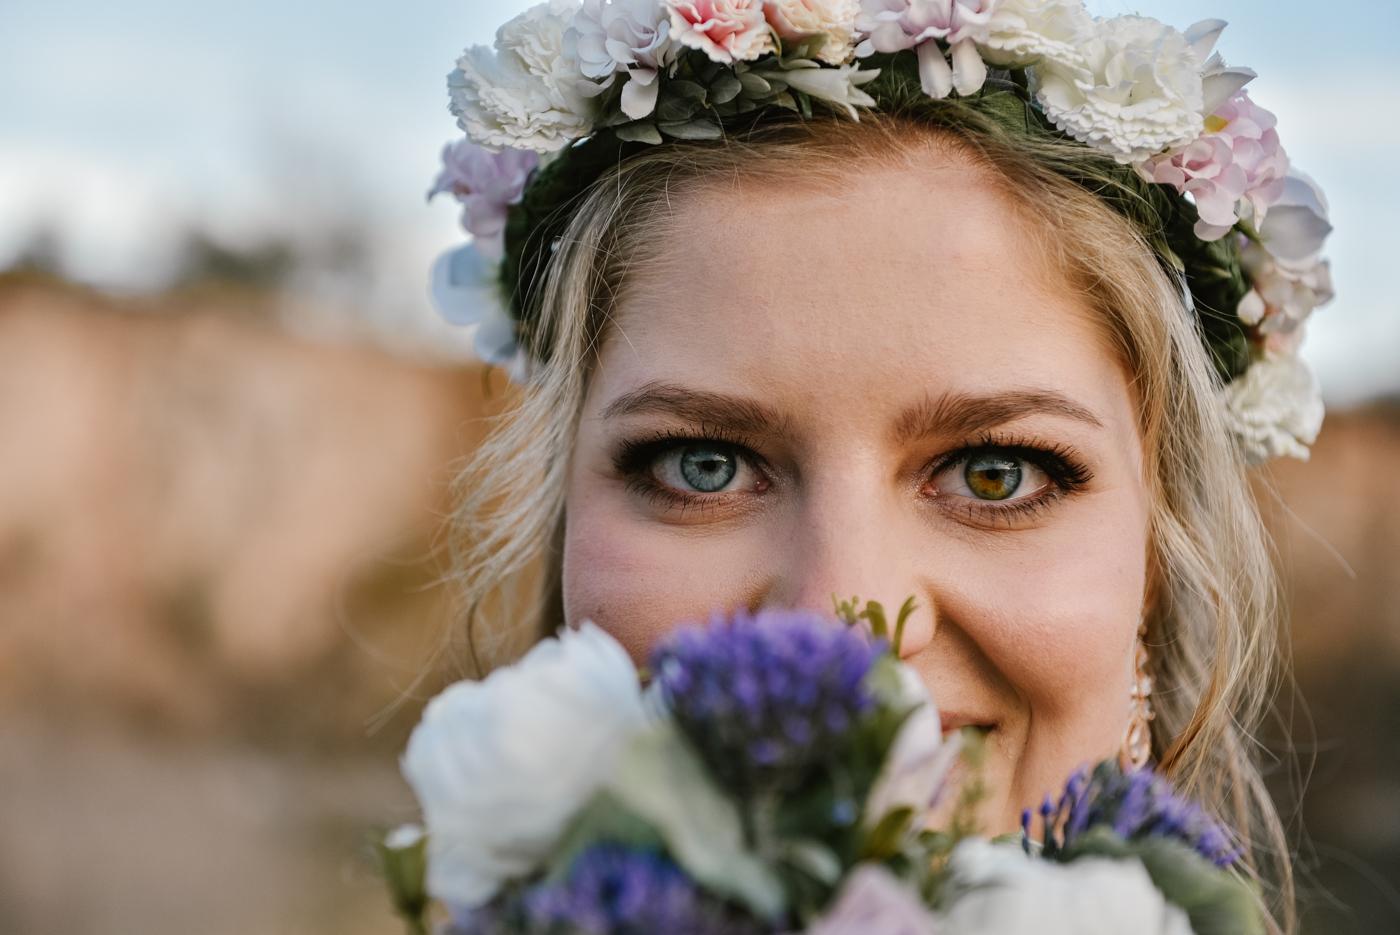 Piękna Panna Młoda z uśmiechem. Na głowie ma wianek a jej oczy są w dwóch kolorach. Jedno oko jest niebieskie a drugie brązowoniebieskie.